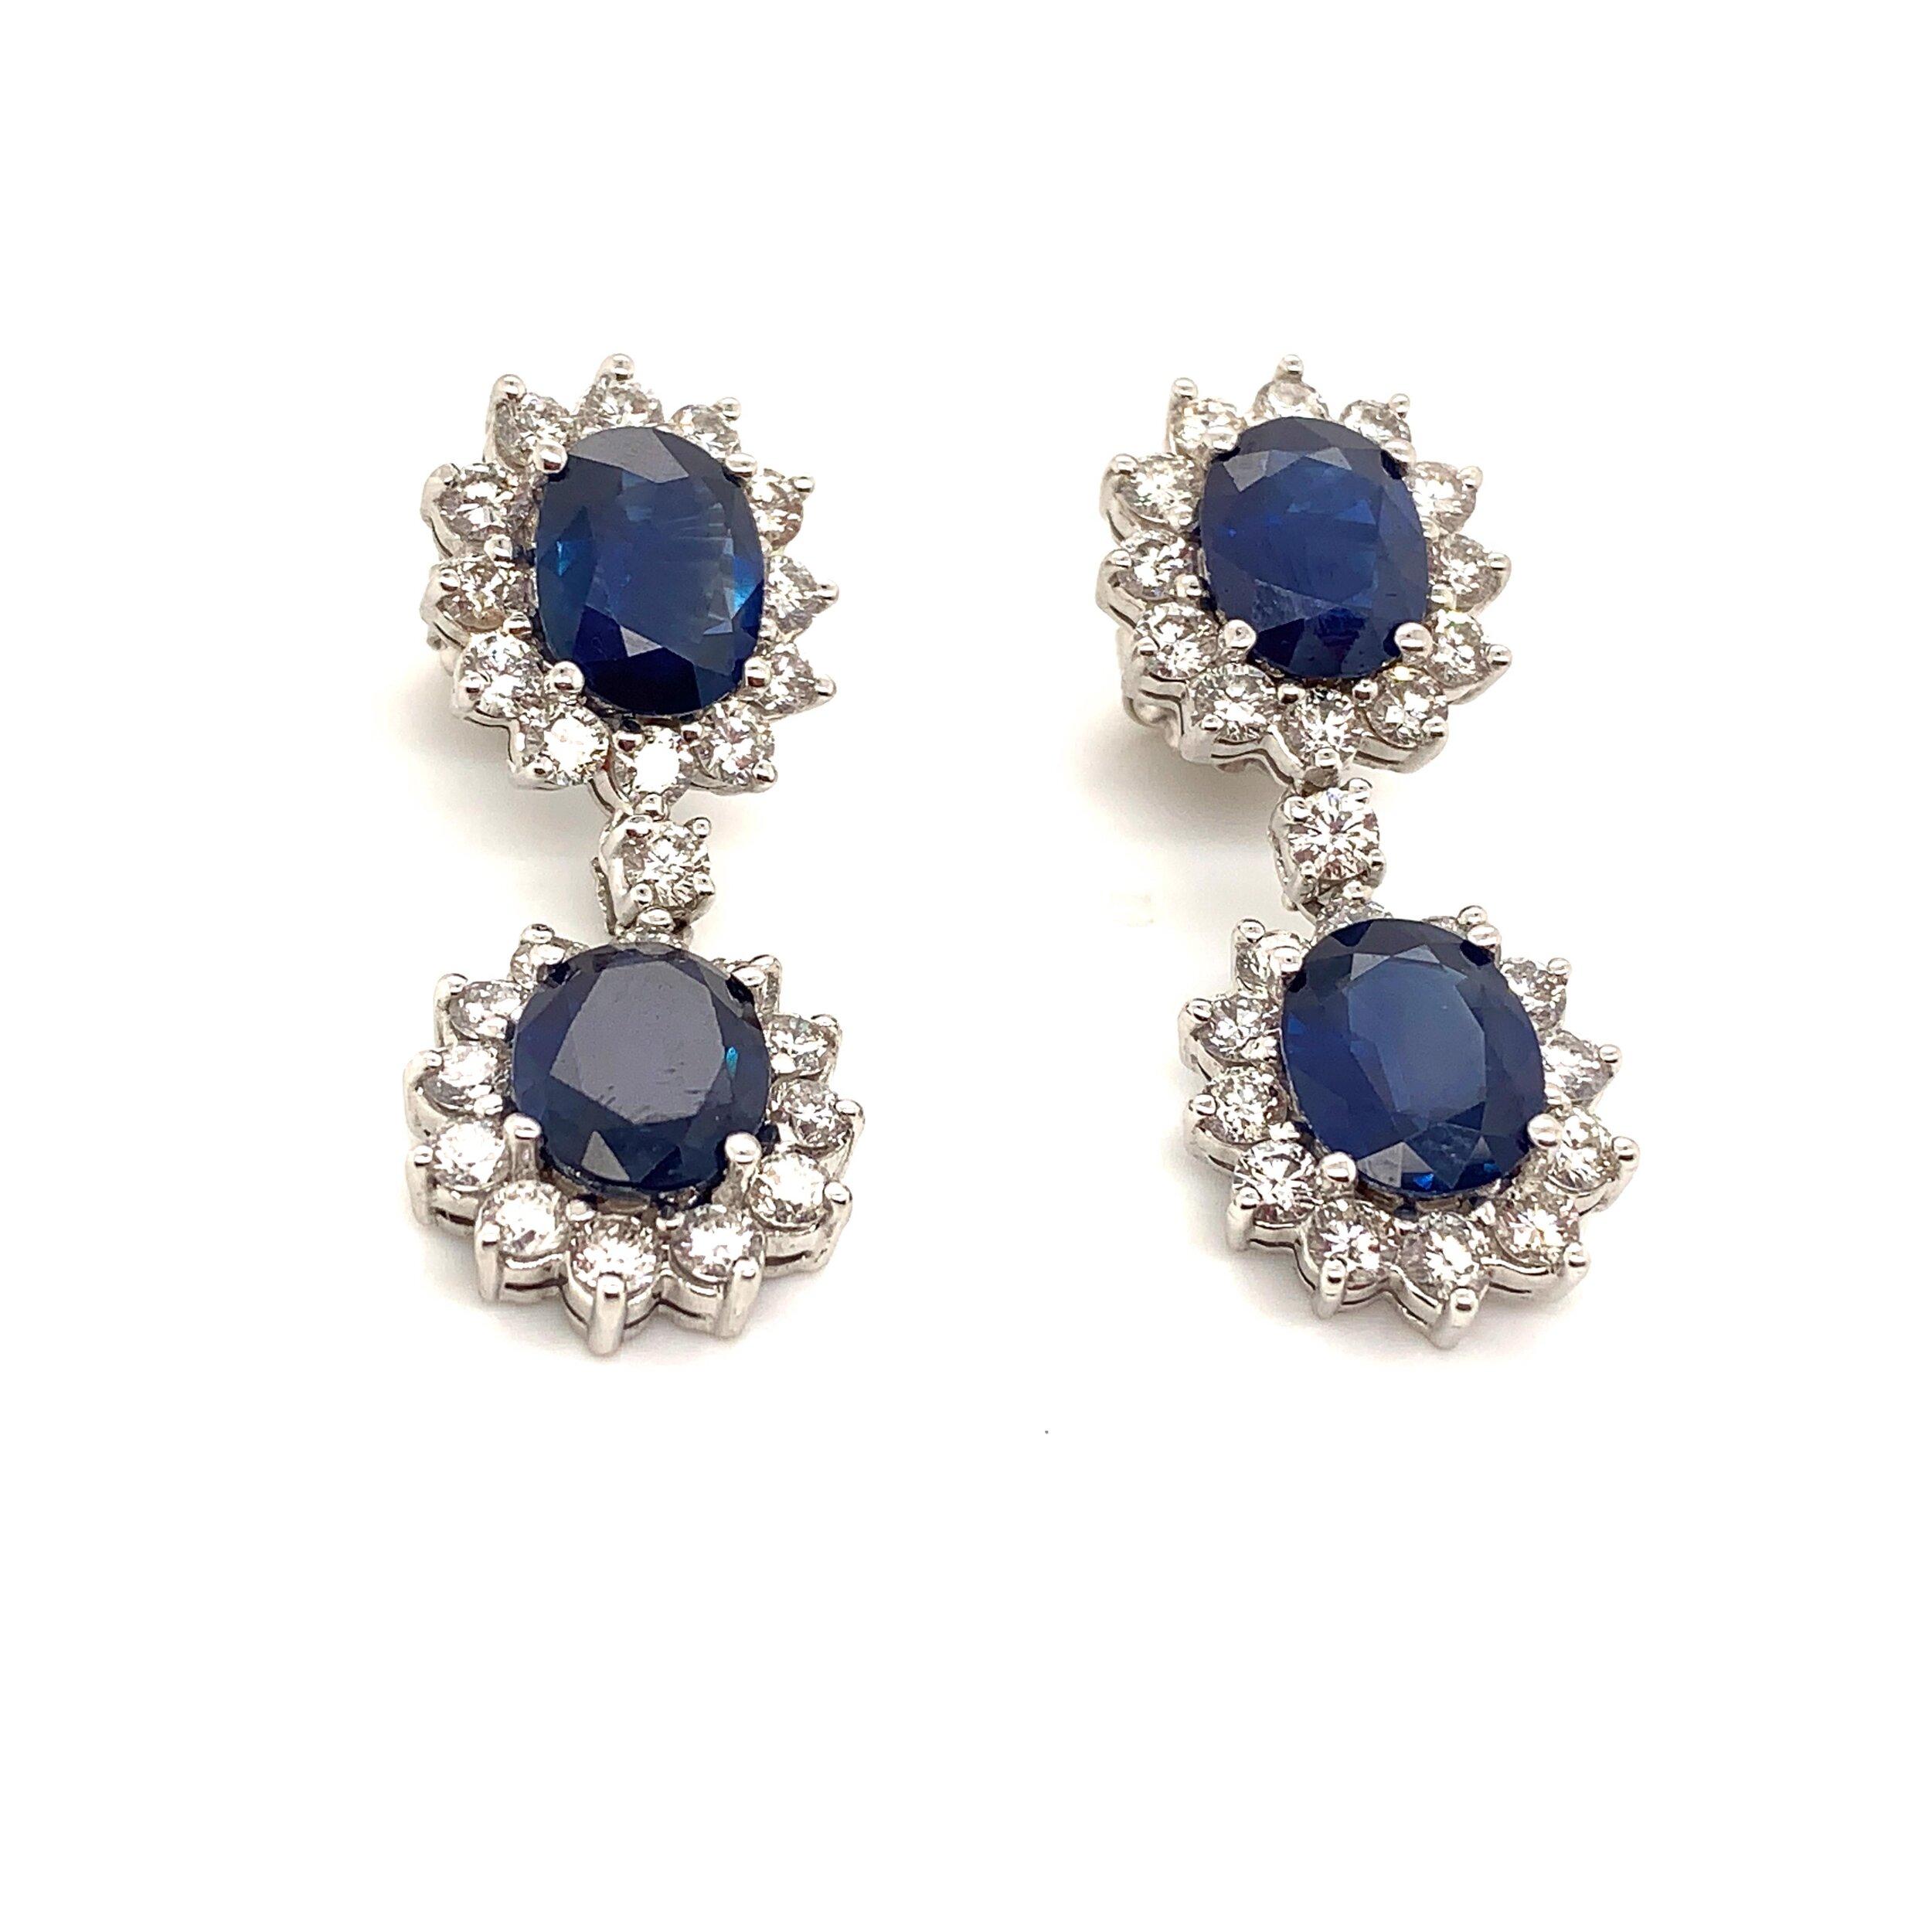 18k White Gold Earrings   Est. US$ 8,500-9,500